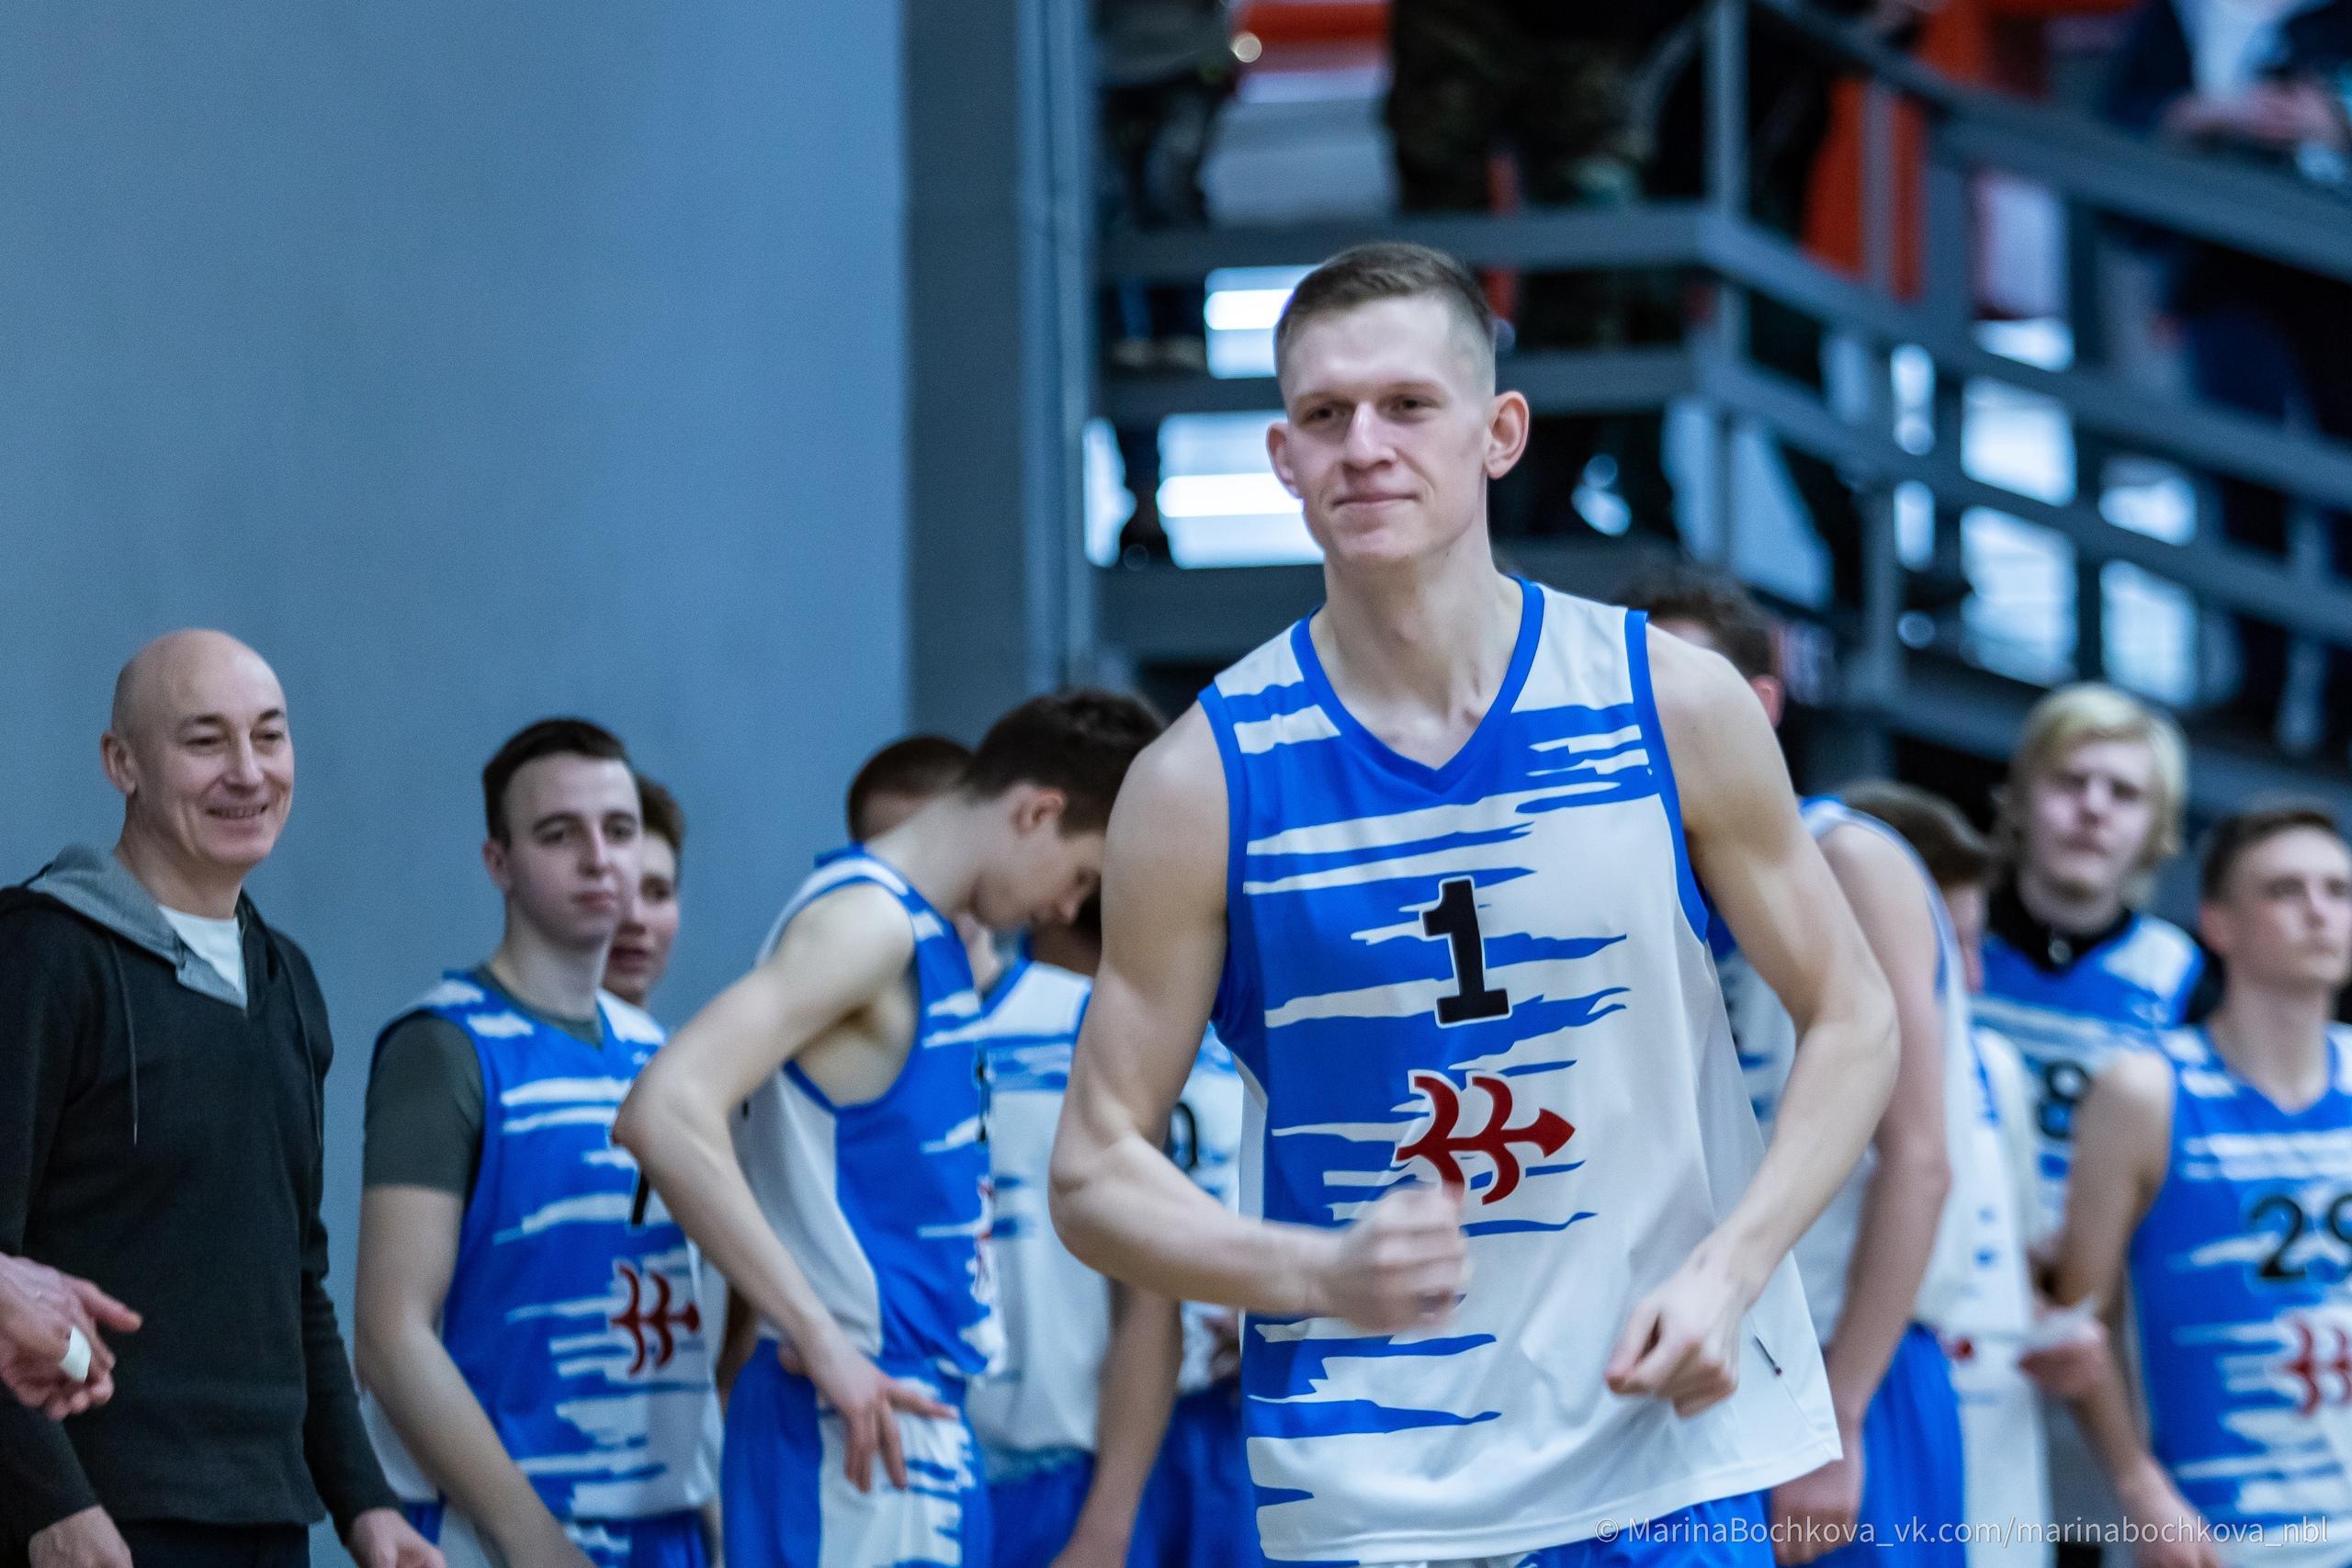 Вячеслав Земсков, самый полезный игрок Третьего Дивизиона сезона 2020-2021